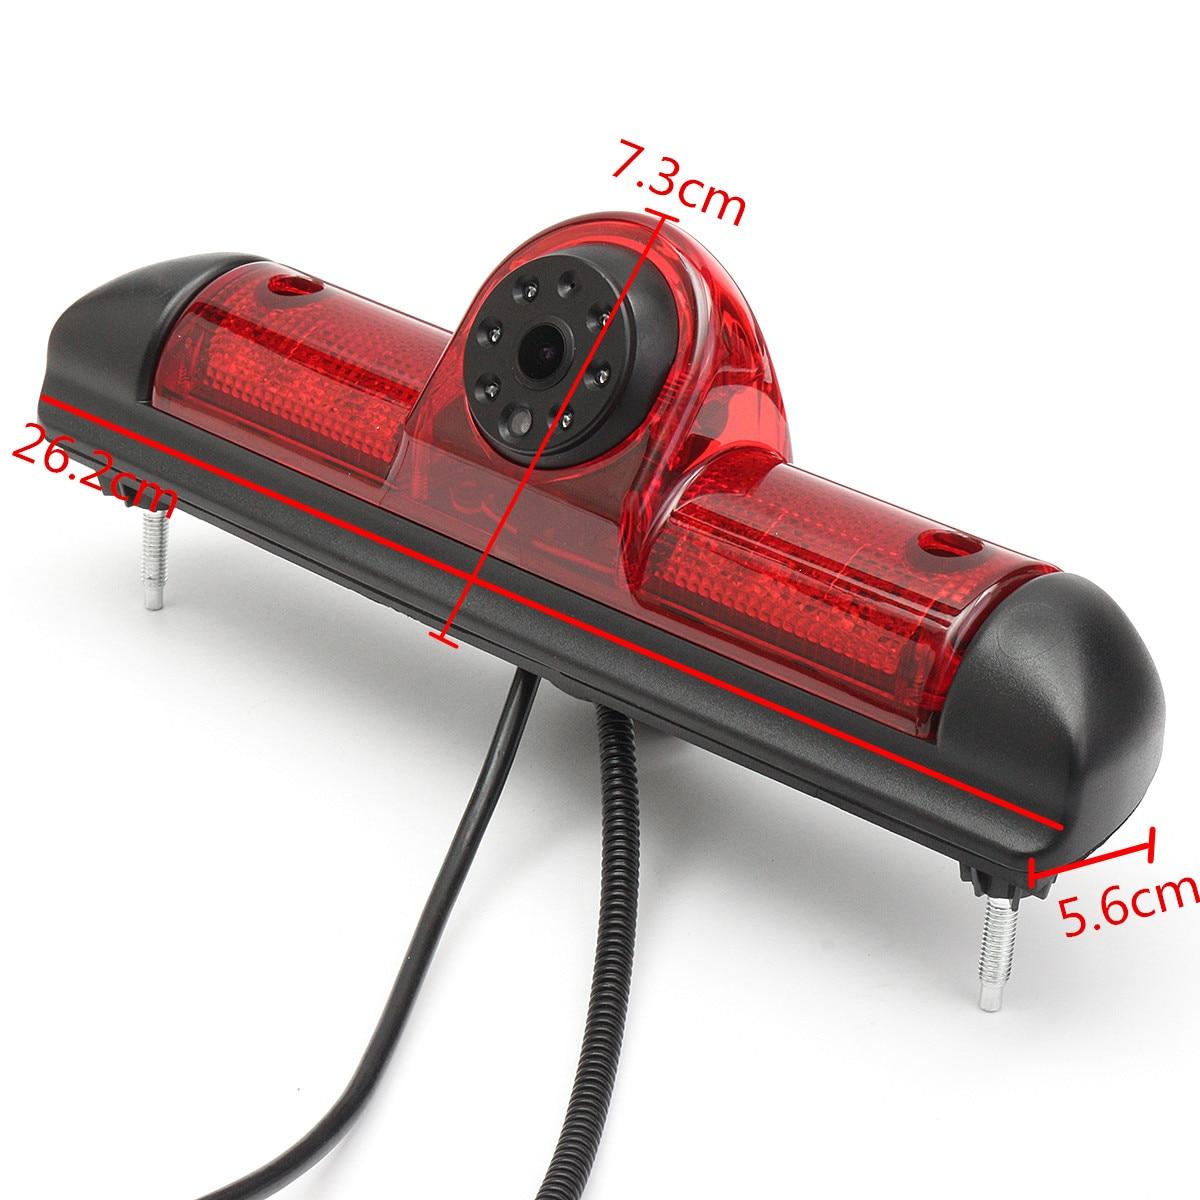 Podofo беспроводная камера заднего вида и ИК ночного видения 7 автомобильный монитор Комплект для грузовика автобуса каравана прицепа обратн... - 6